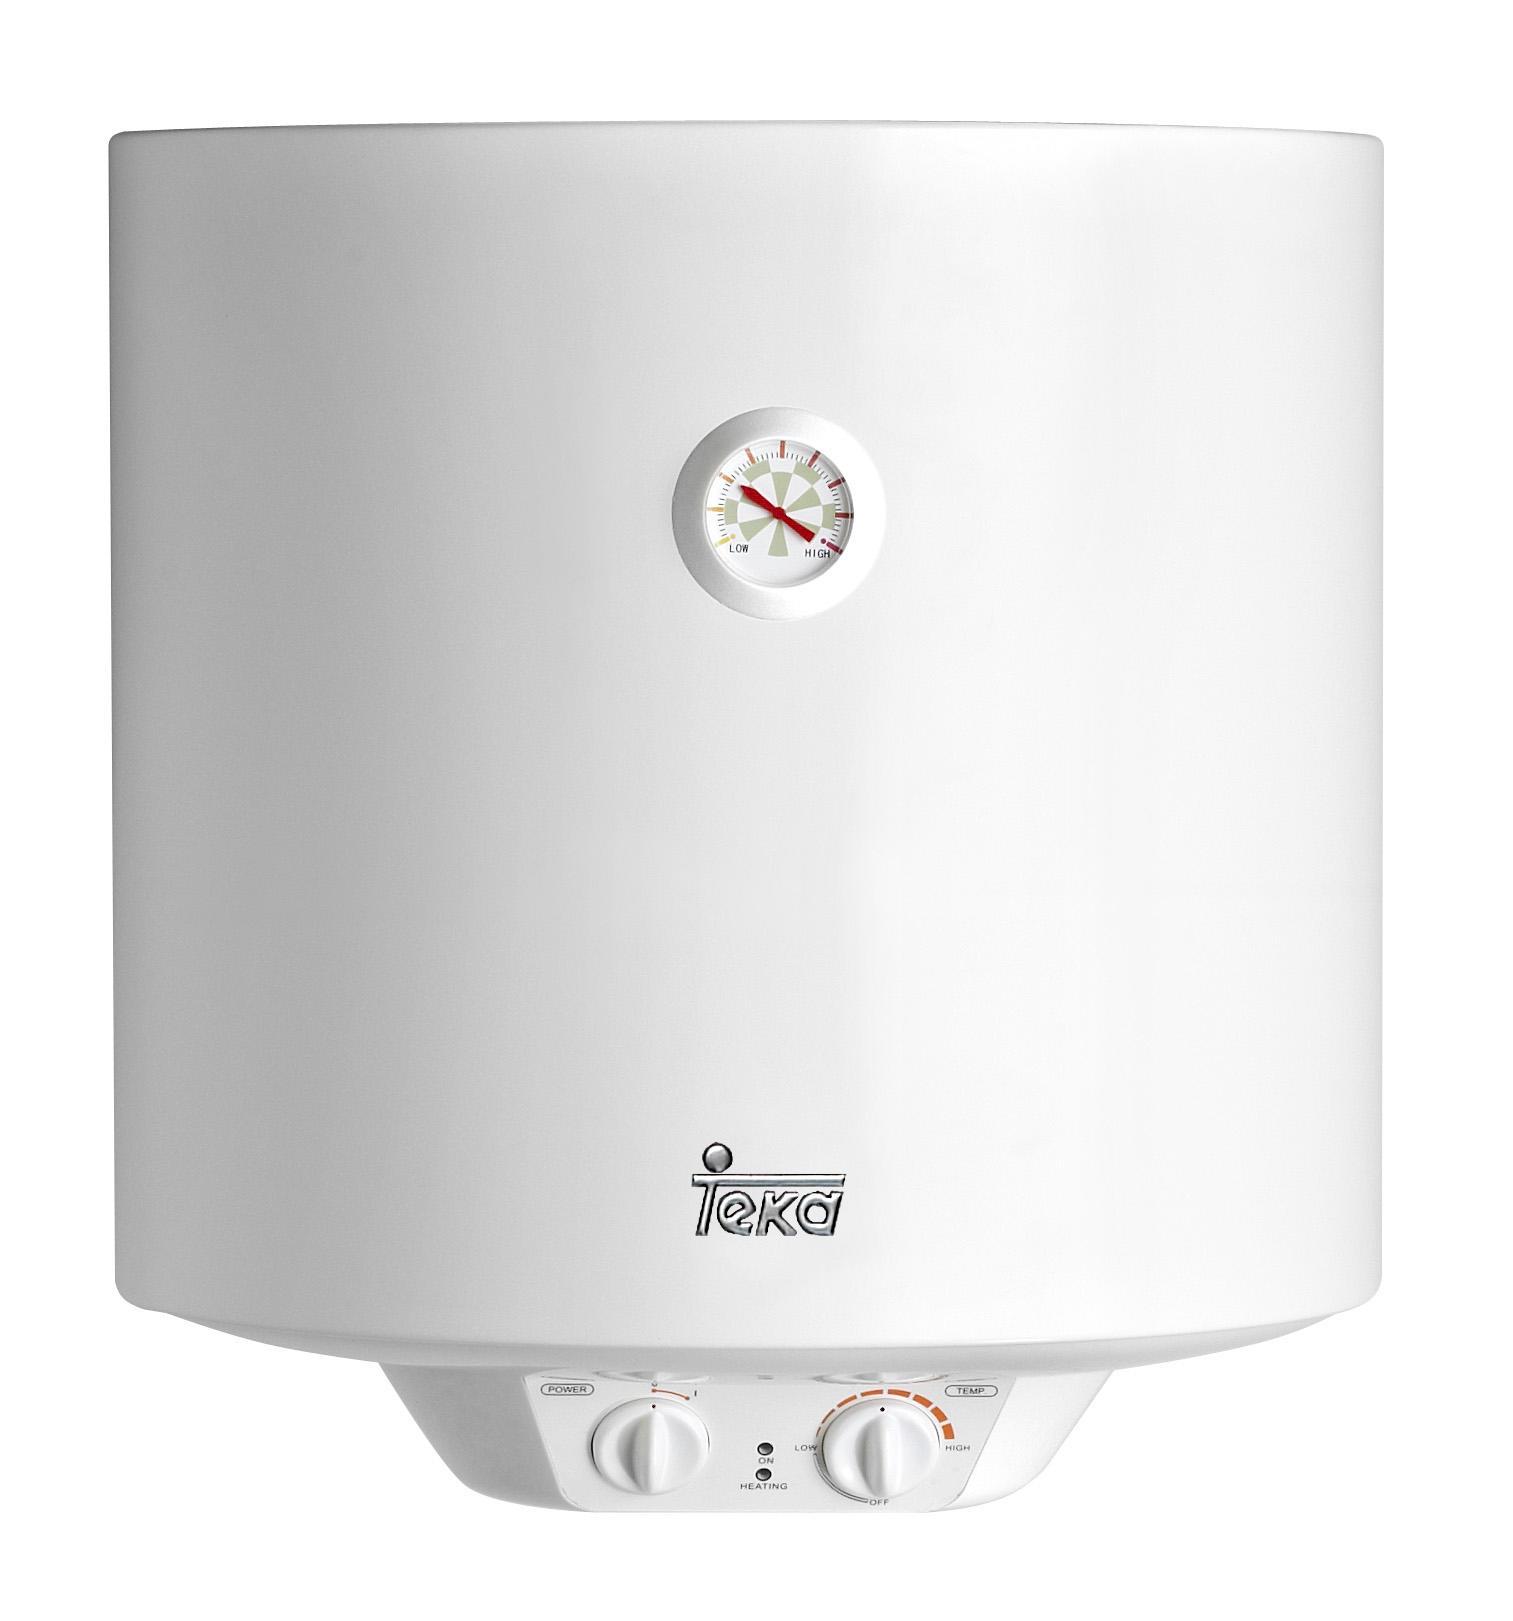 hoy día existen  termos eléctricos que son programables. Estos termos eléctricos de última generación incorporan funciones digitales que permiten una gestión más eficiente en la producción de agua caliente.